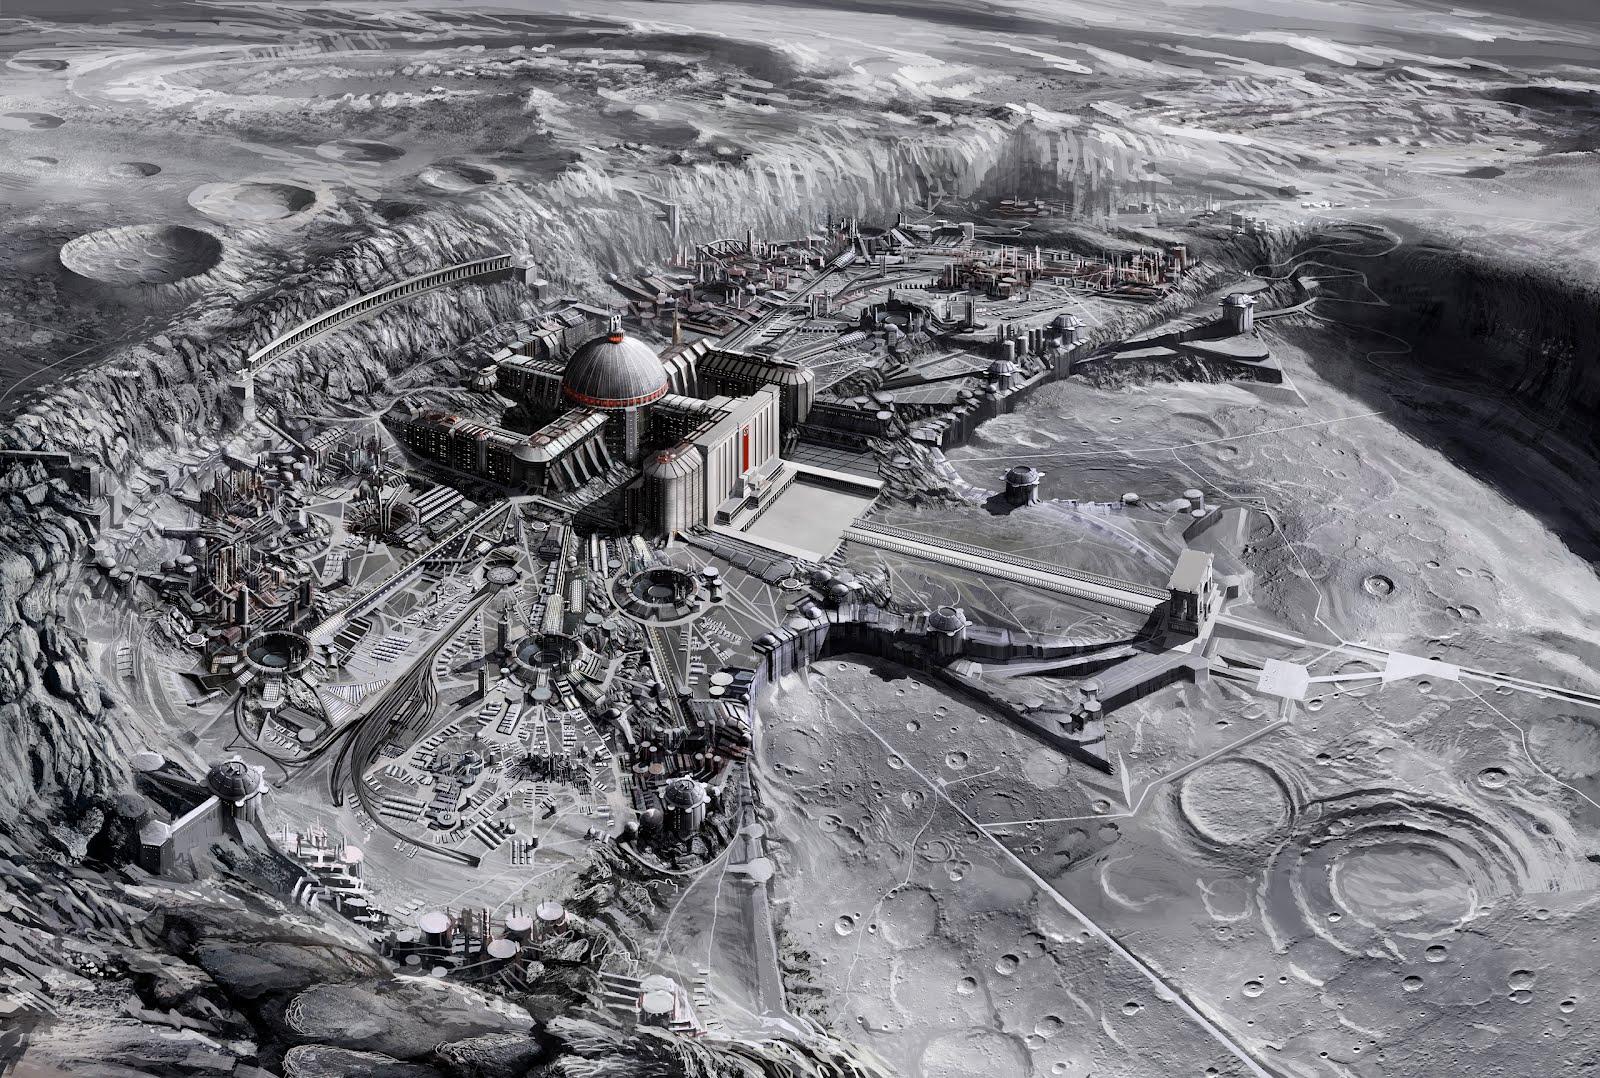 Beberapa Adegan Dalam Film Iron Sky Yang Menakjubkan Dari Foto Foto